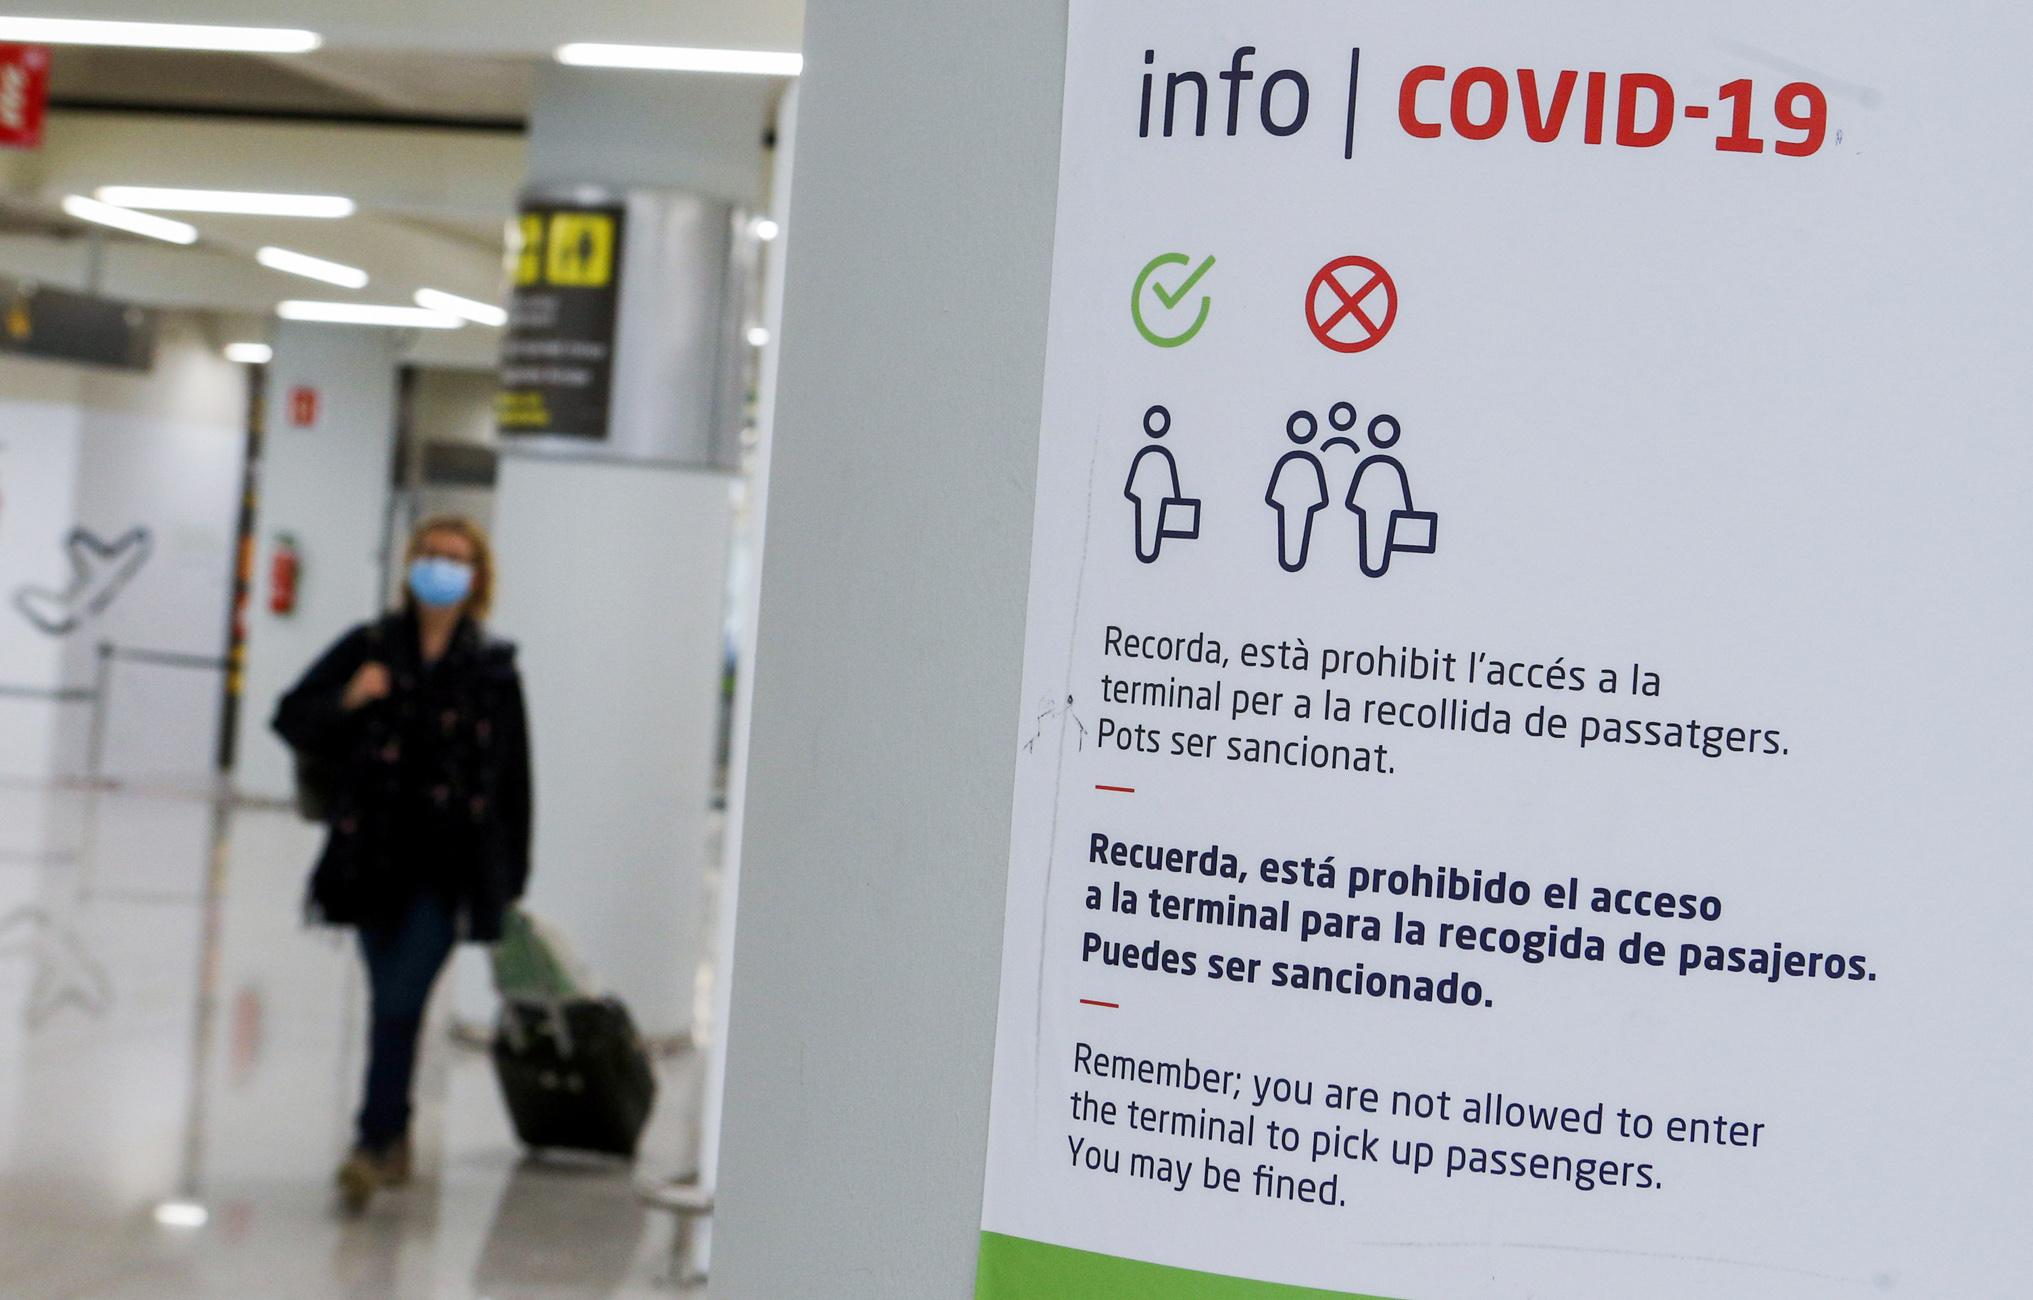 Γερμανία: Εξετάζεται προσωρινή απαγόρευση ταξιδιών για διακοπές στο εξωτερικό